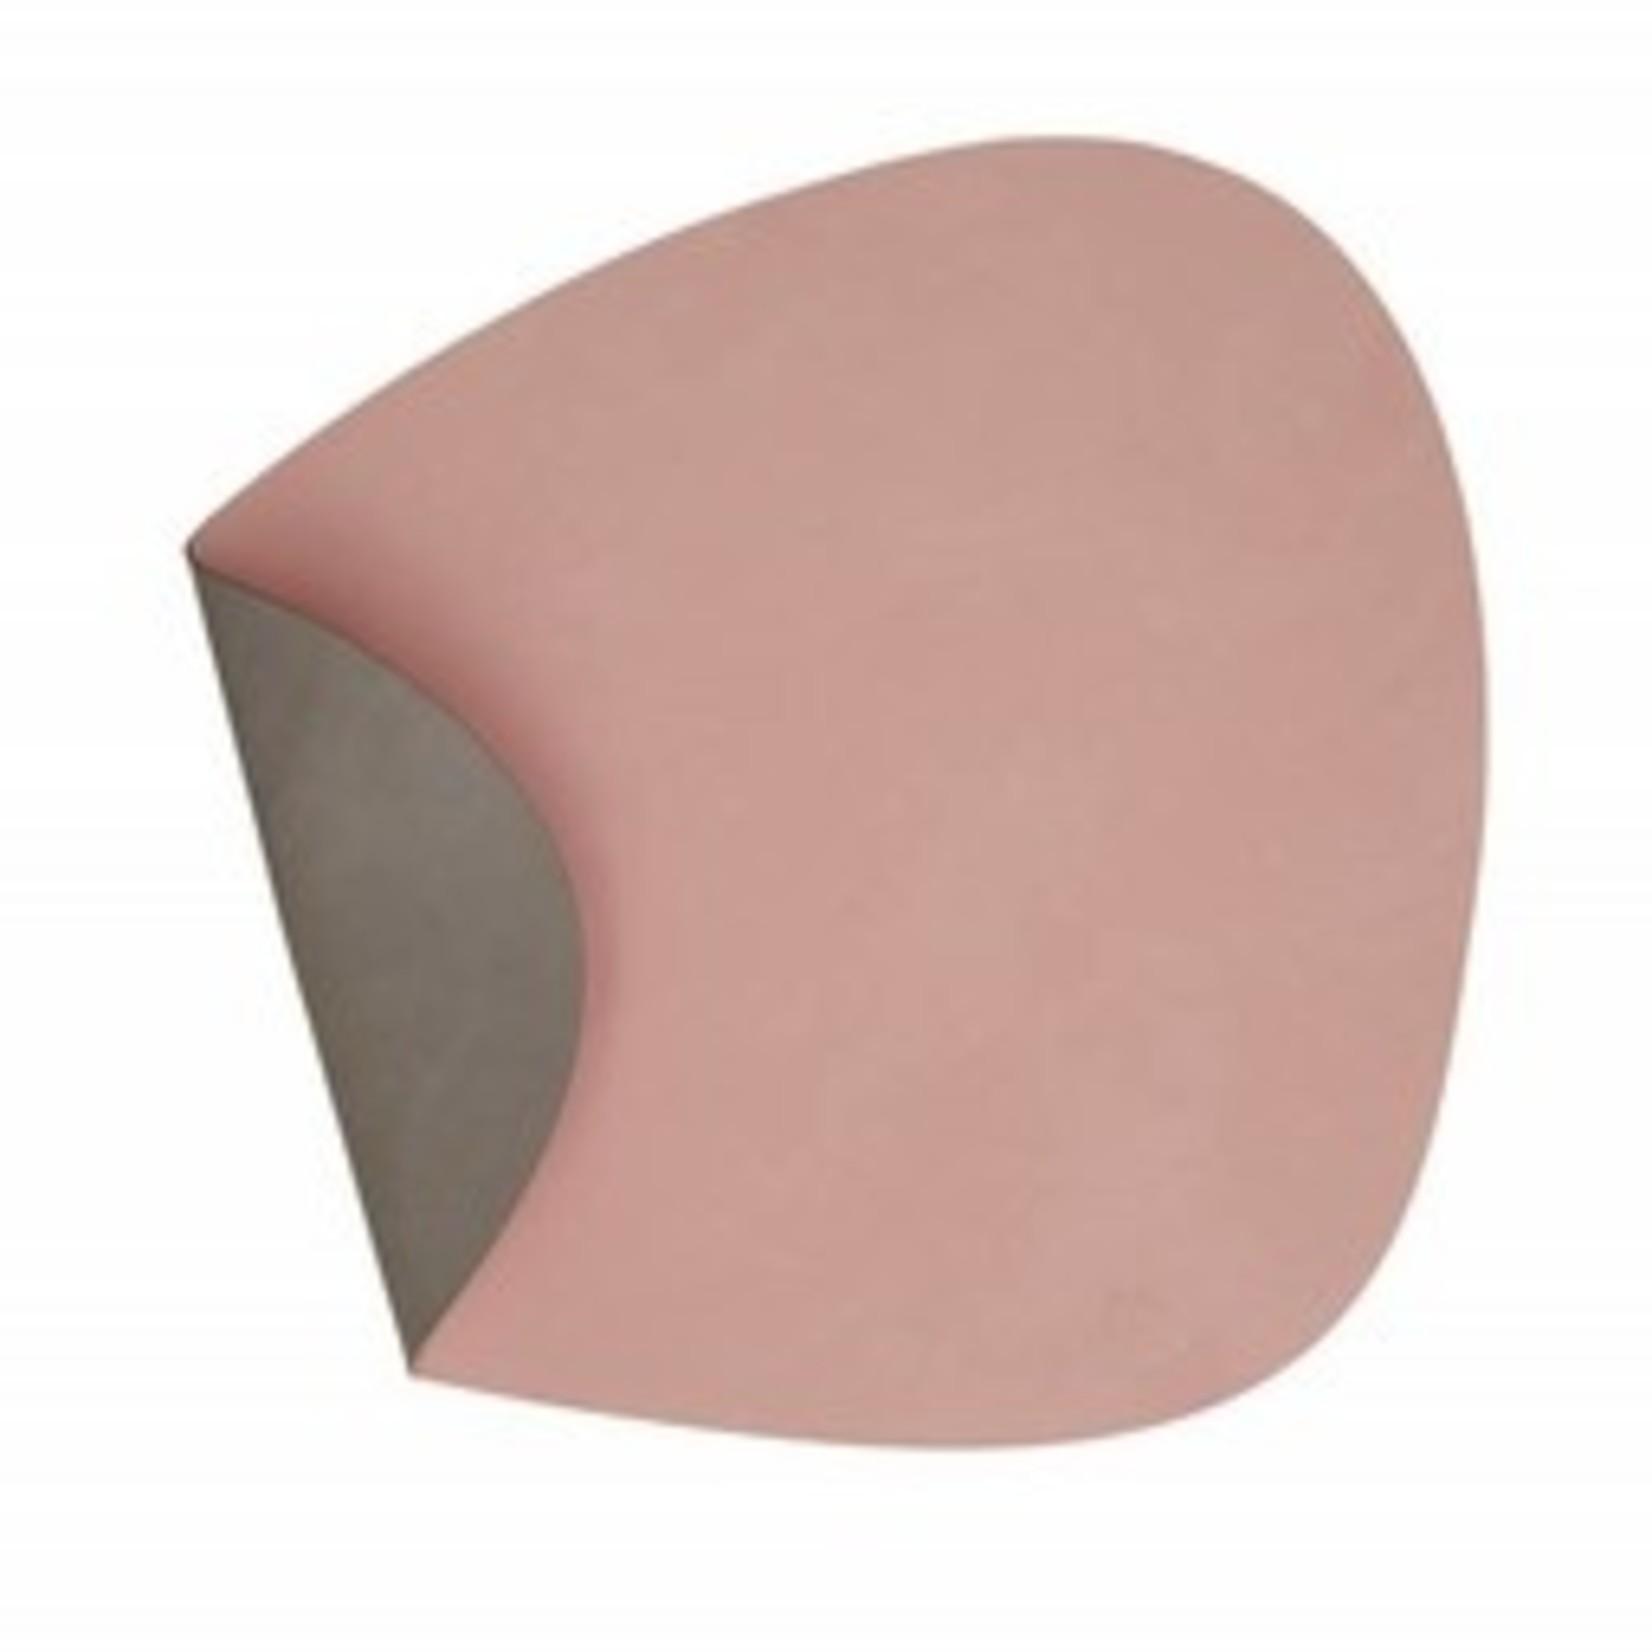 Placemat Double - roze/licht grijs - Lind DNA